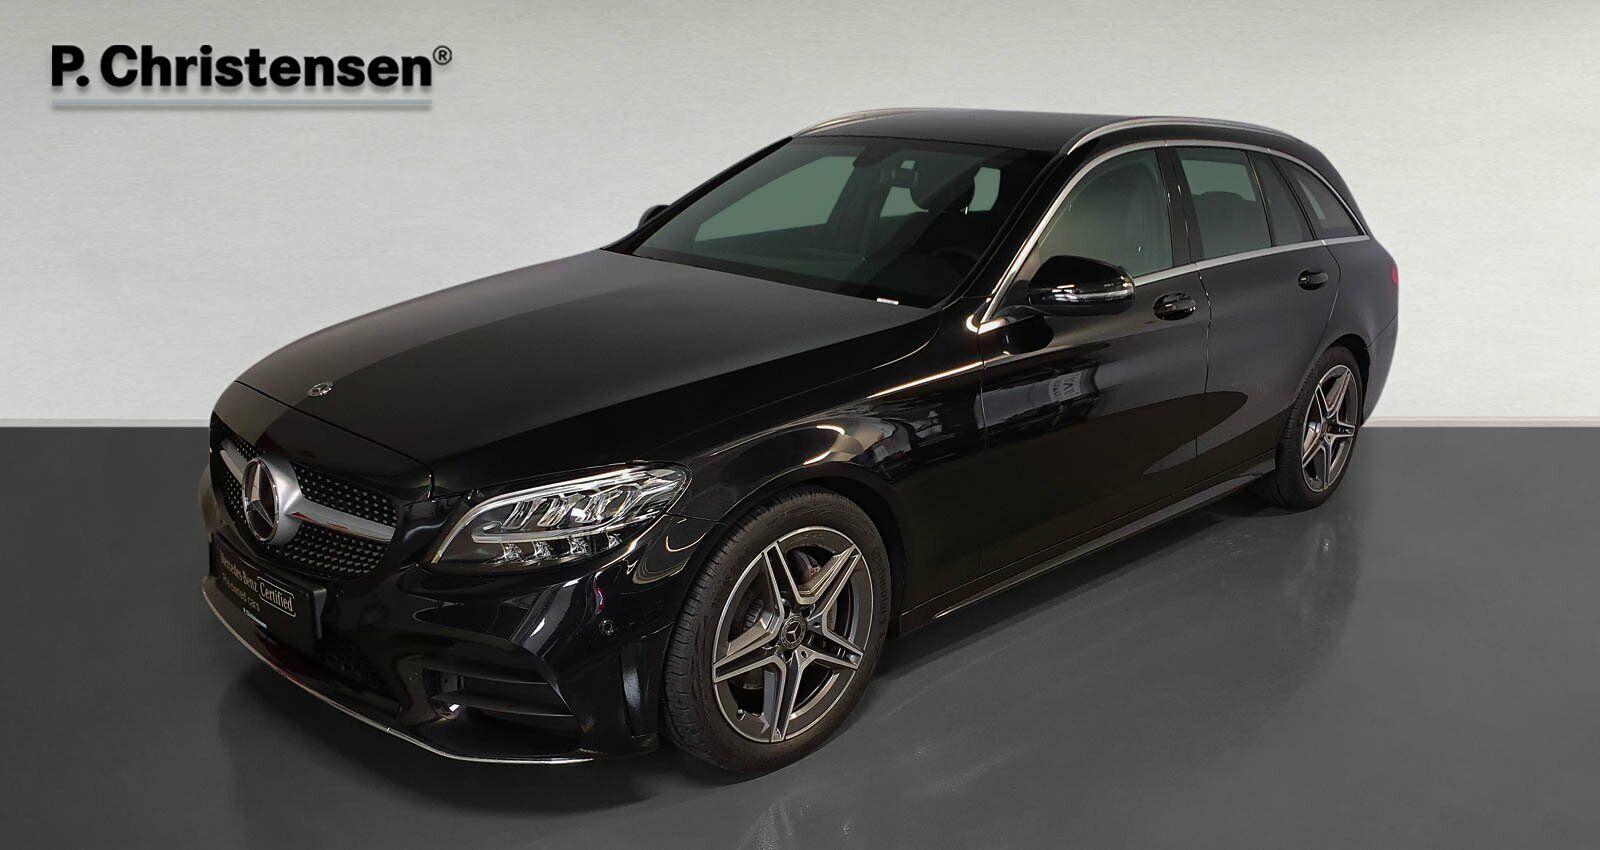 Mercedes C200 1,5 AMG Line stc. aut. 5d - 434.900 kr.